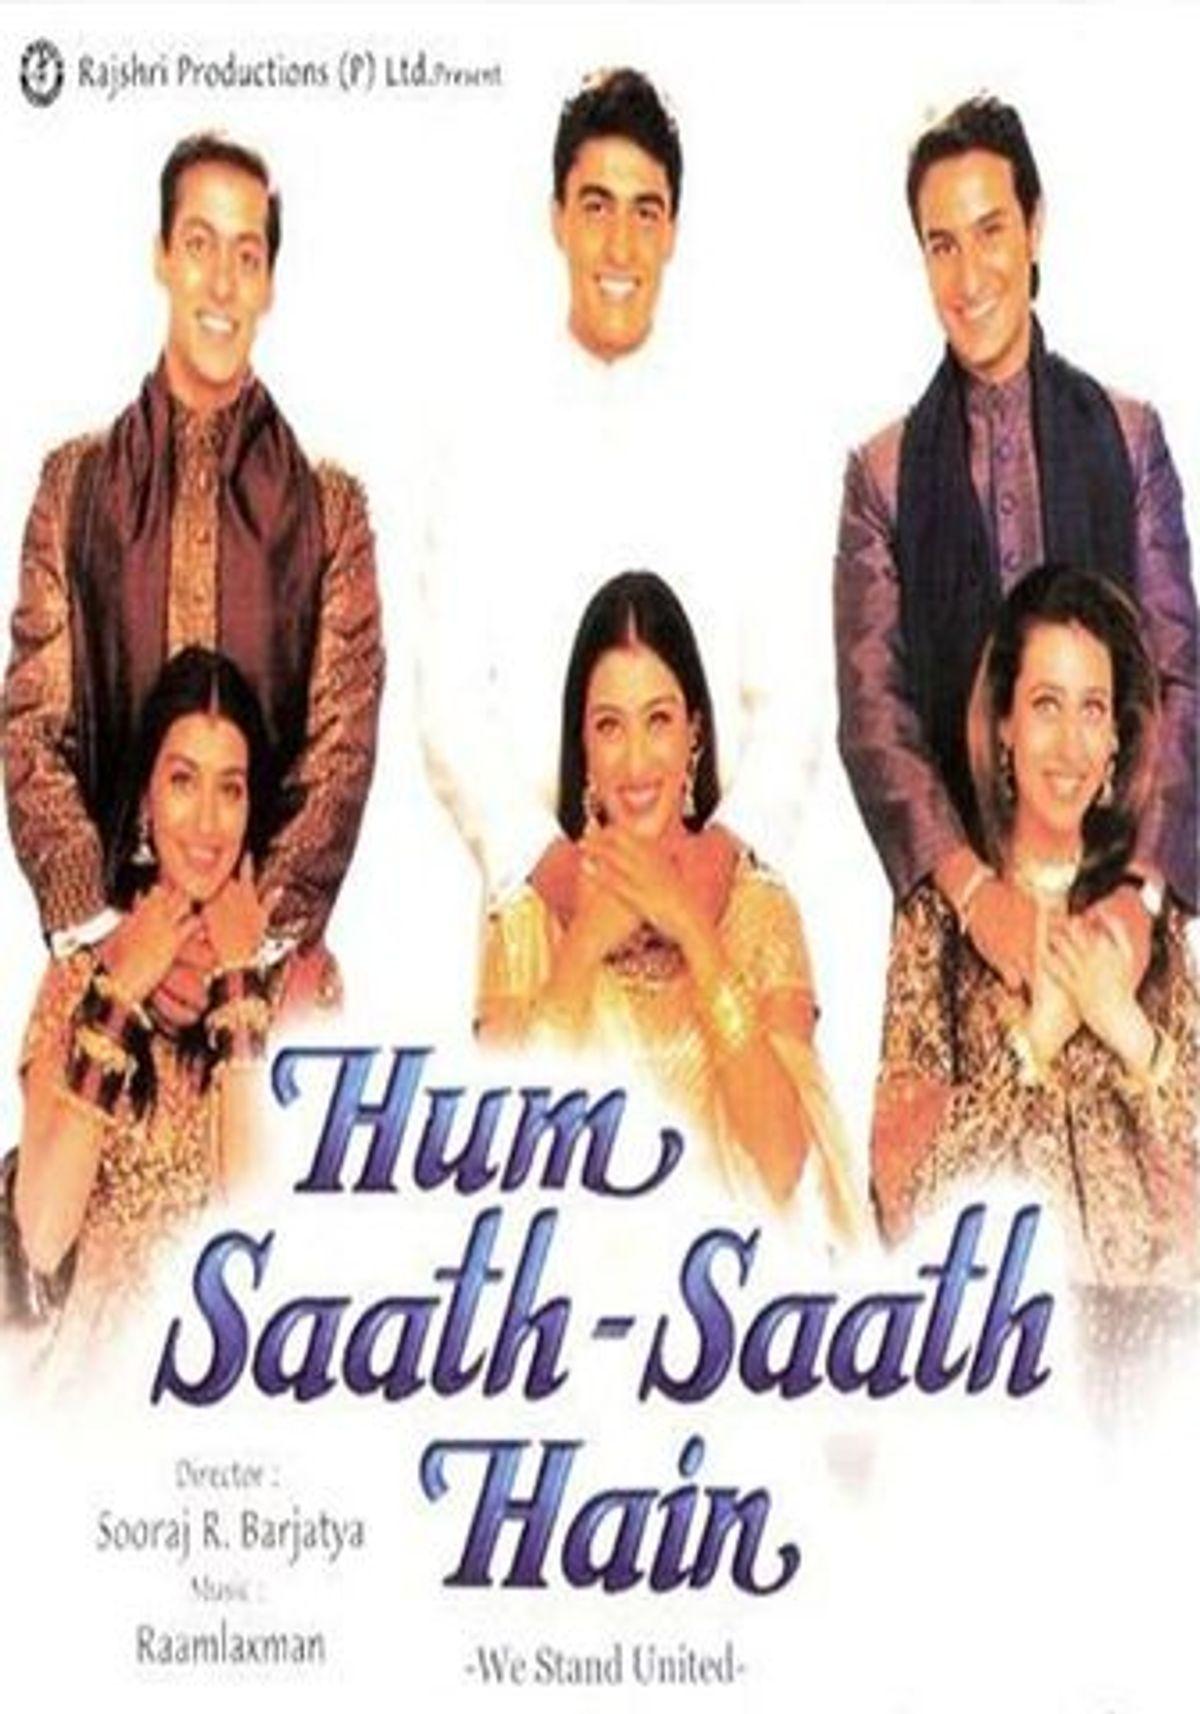 Sooraj R Barjatya Best Movies, TV Shows and Web Series List